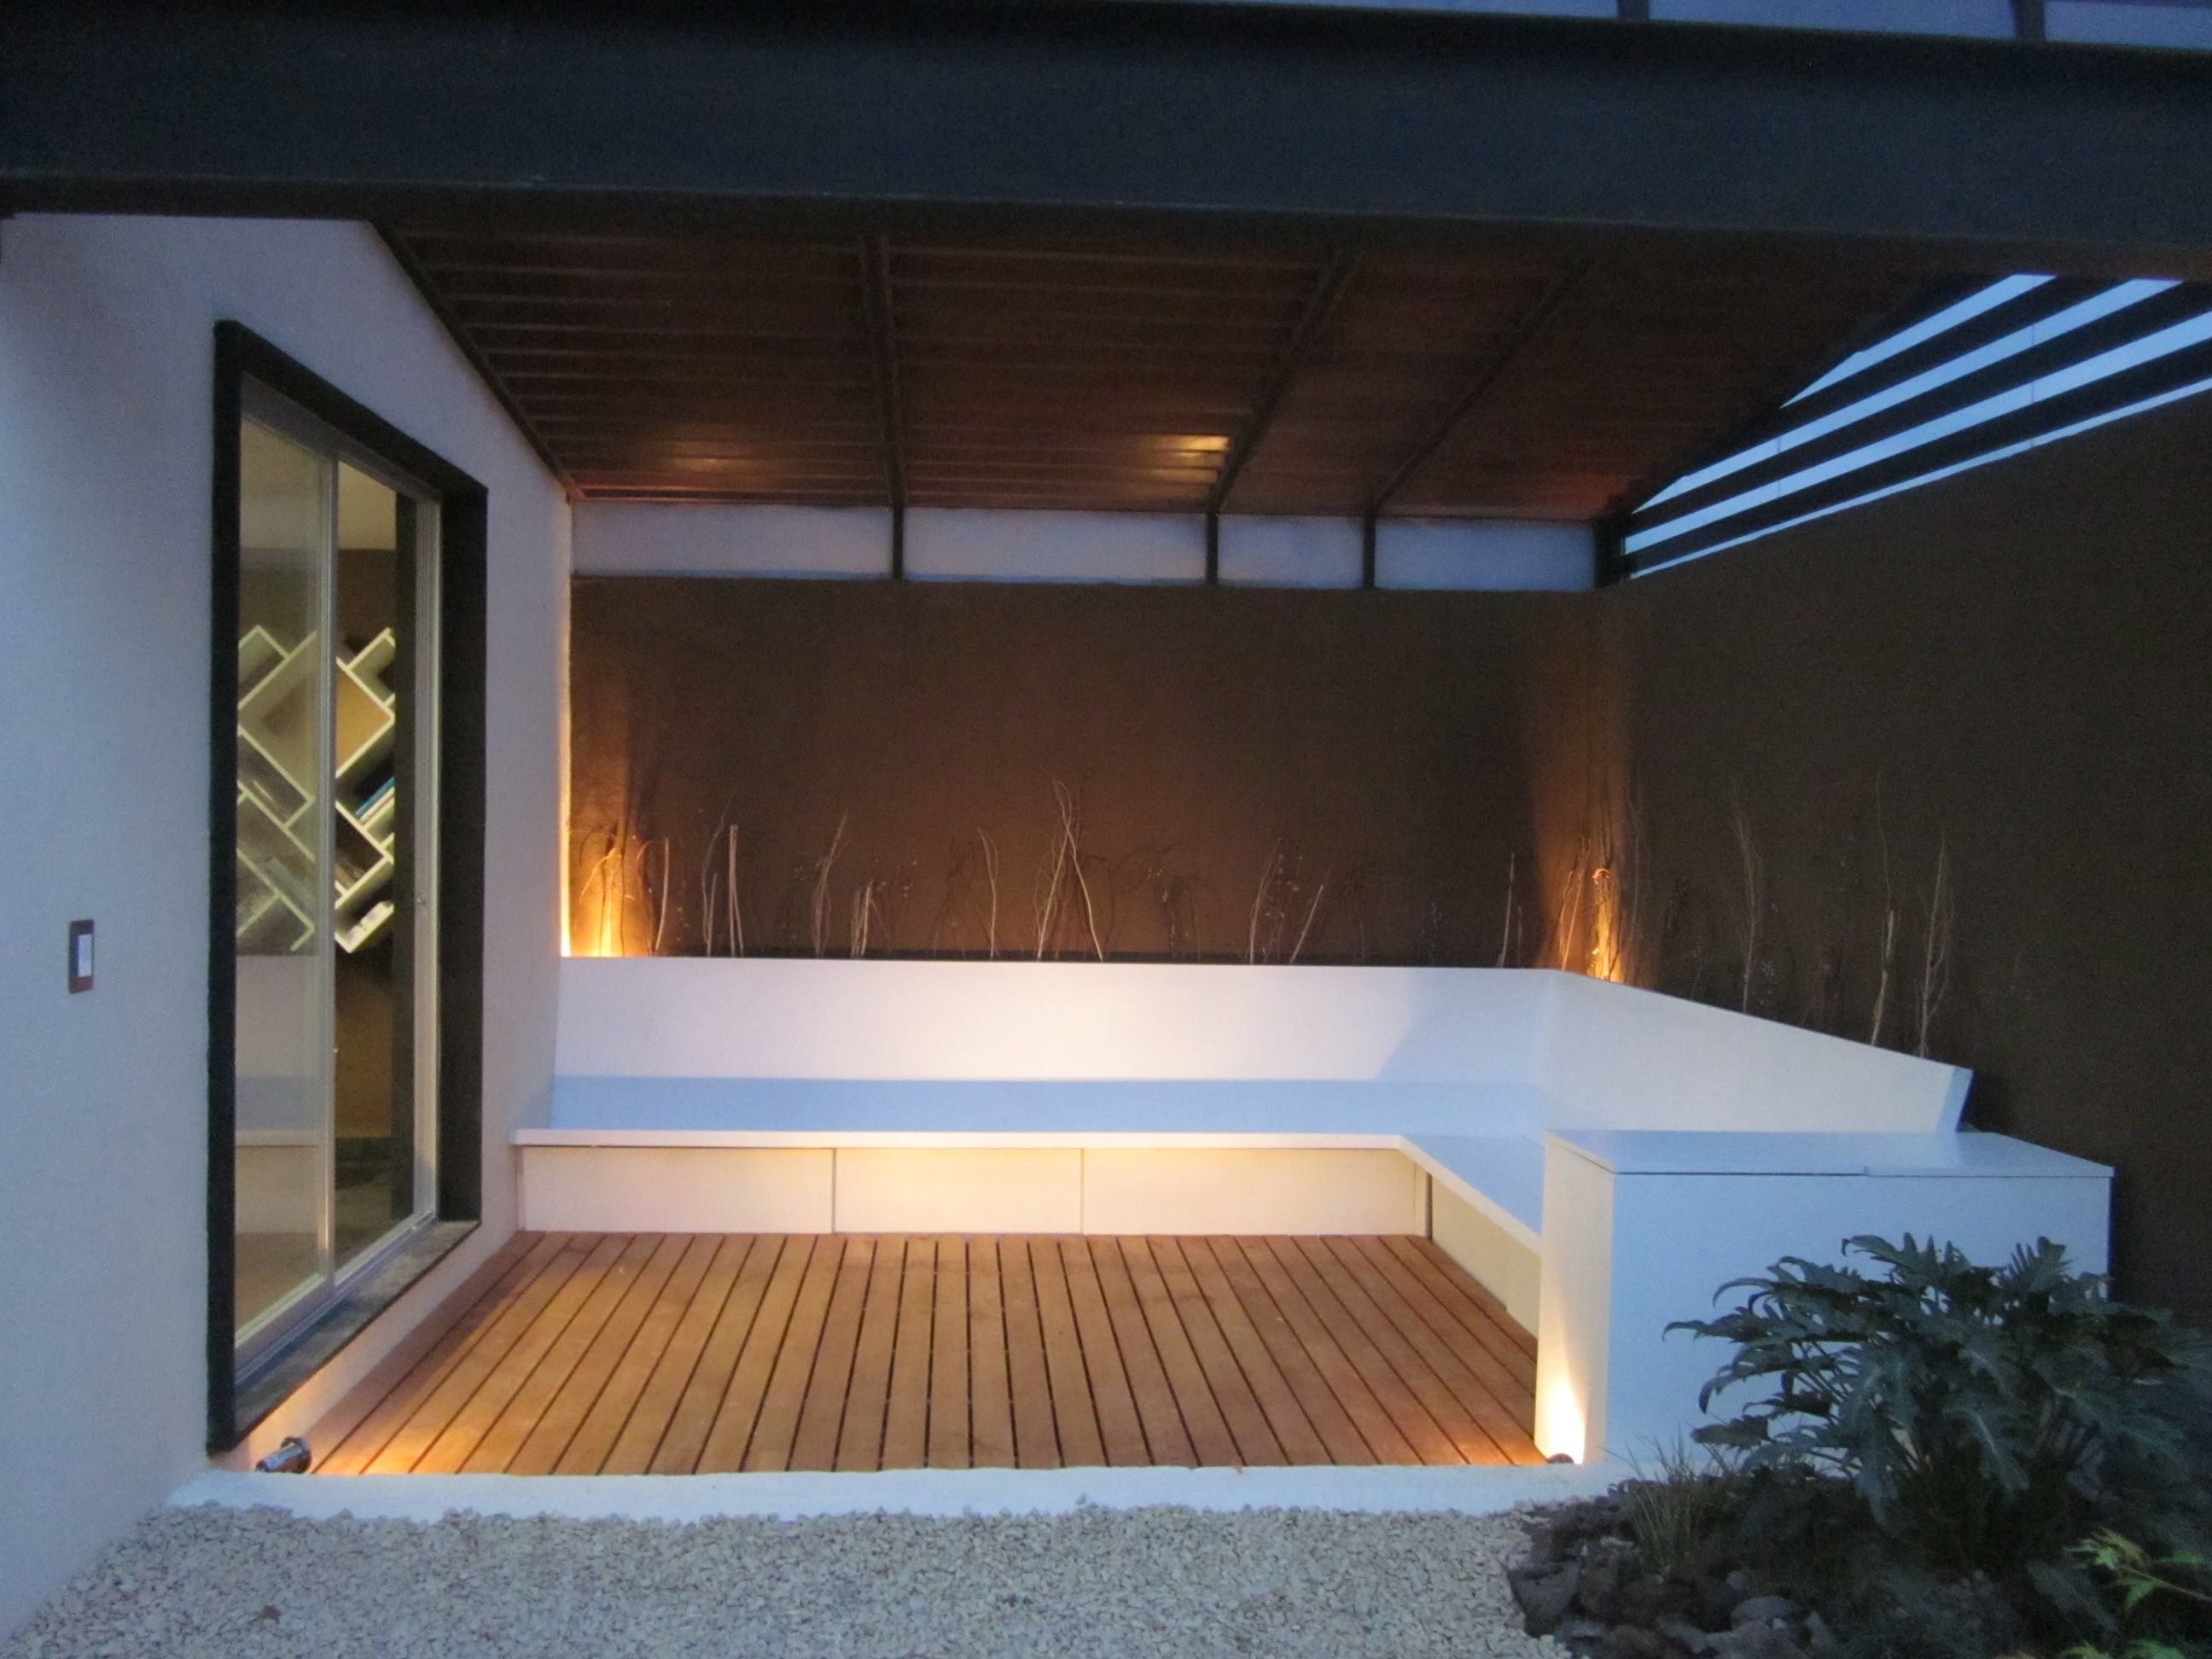 La terraza con roof garden colores en contraste la pureza - Diseno de muebles de madera ...